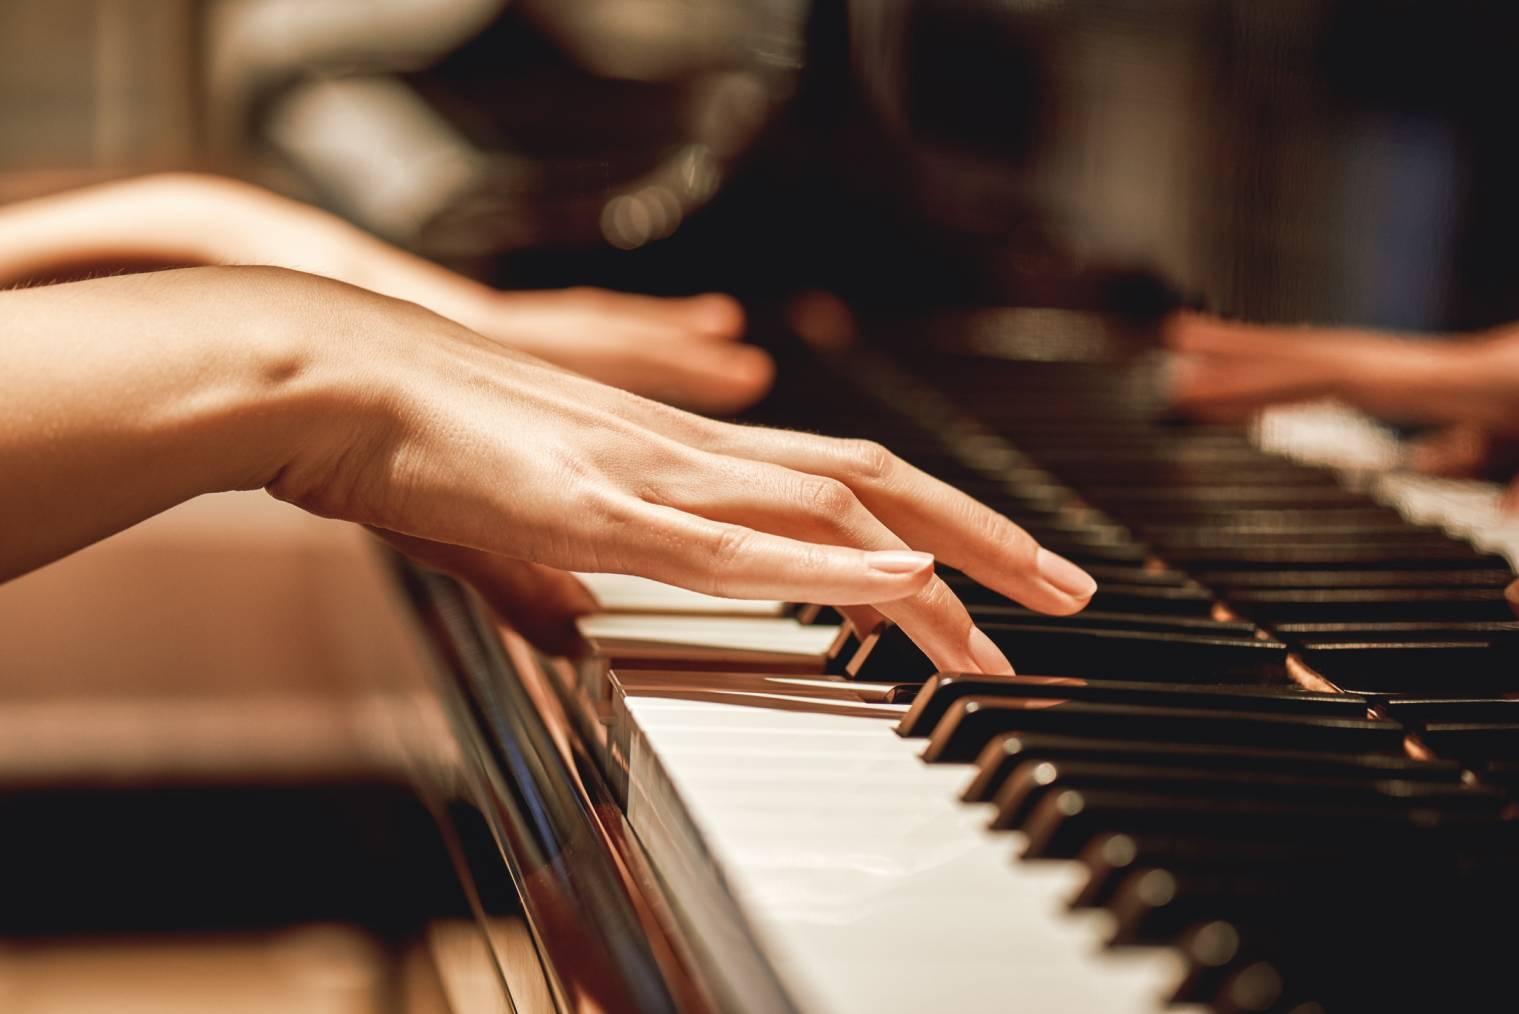 Comment apprendre le piano ? Conseils & Astuces simples